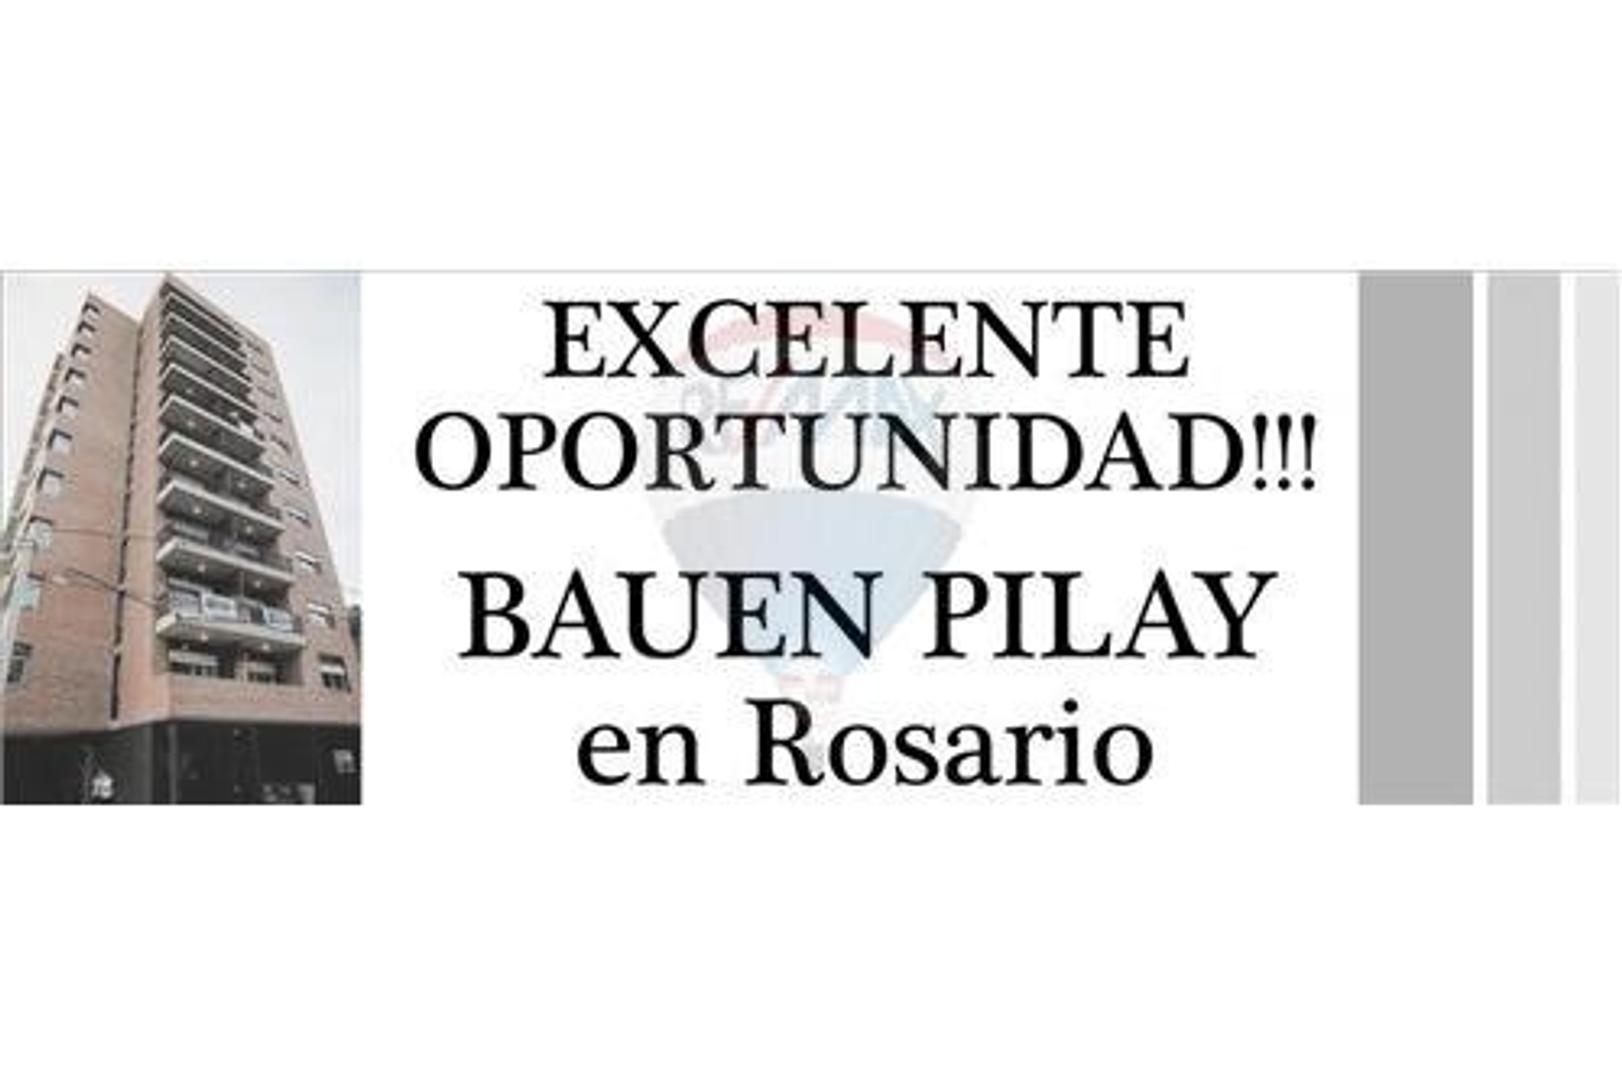 Bauen Pilay 2 Dormitorios, 75m2. 30% DESCUENTO